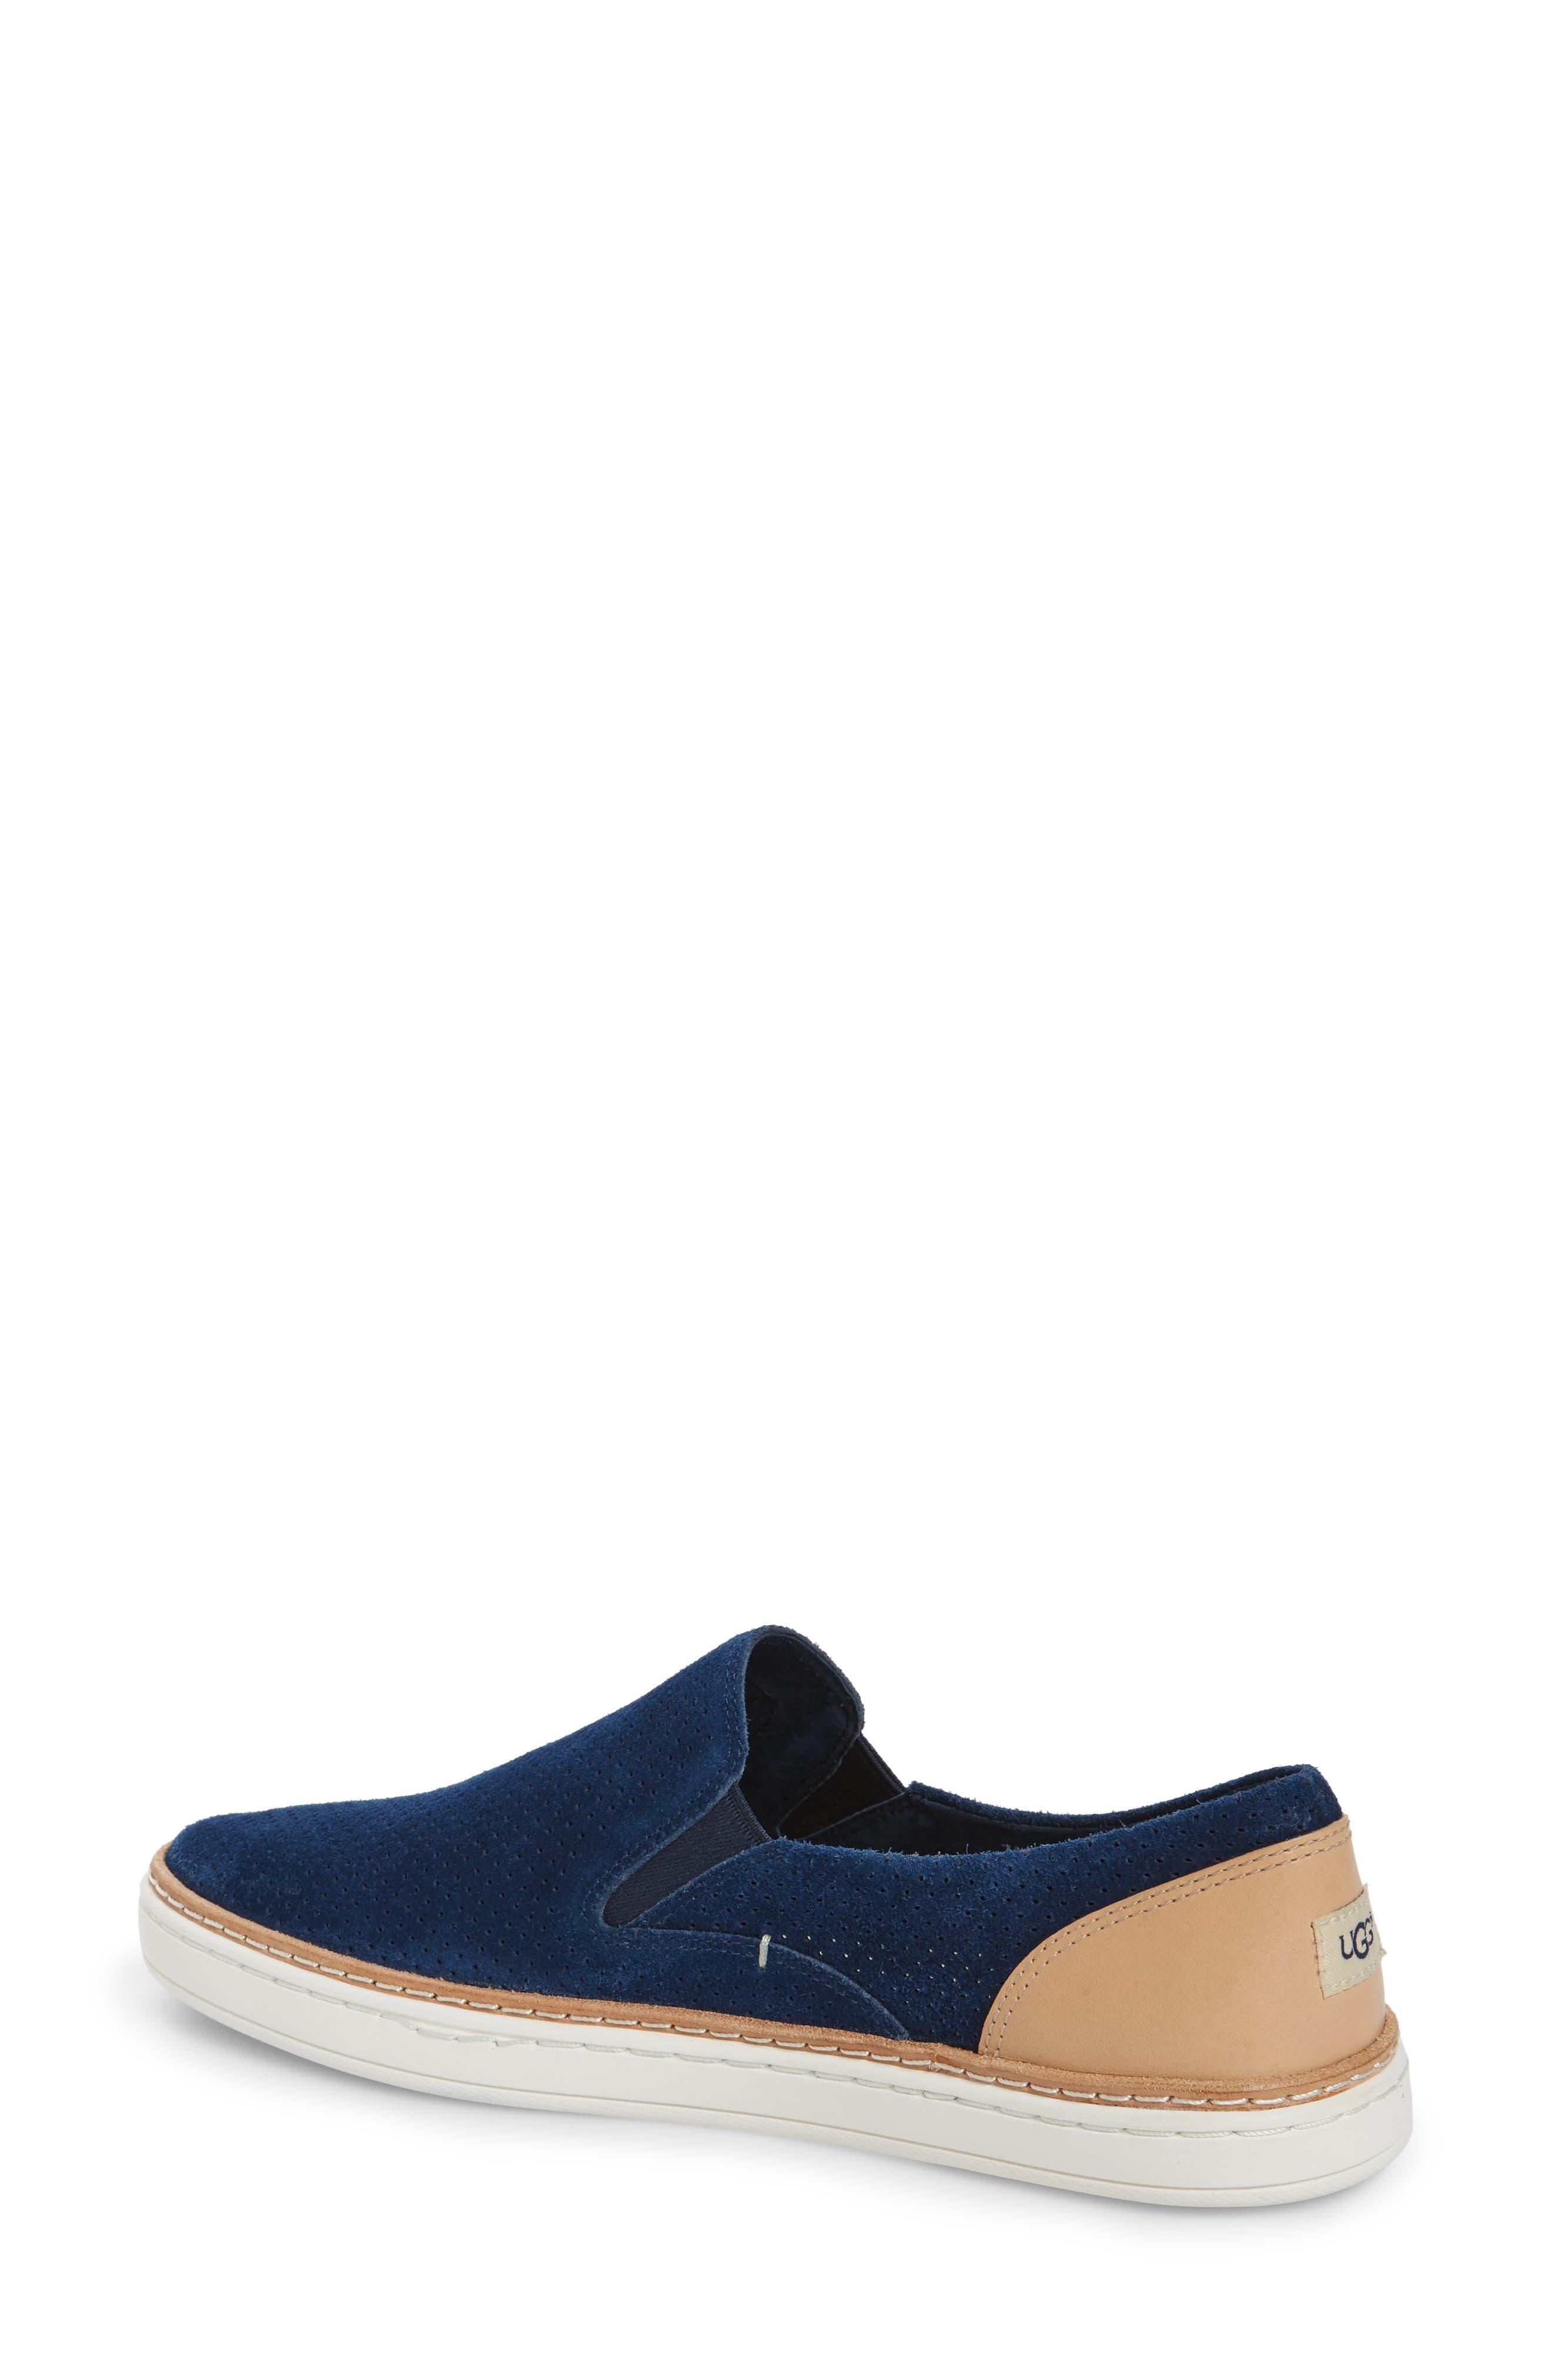 Adley Slip-On Sneaker,                             Alternate thumbnail 18, color,